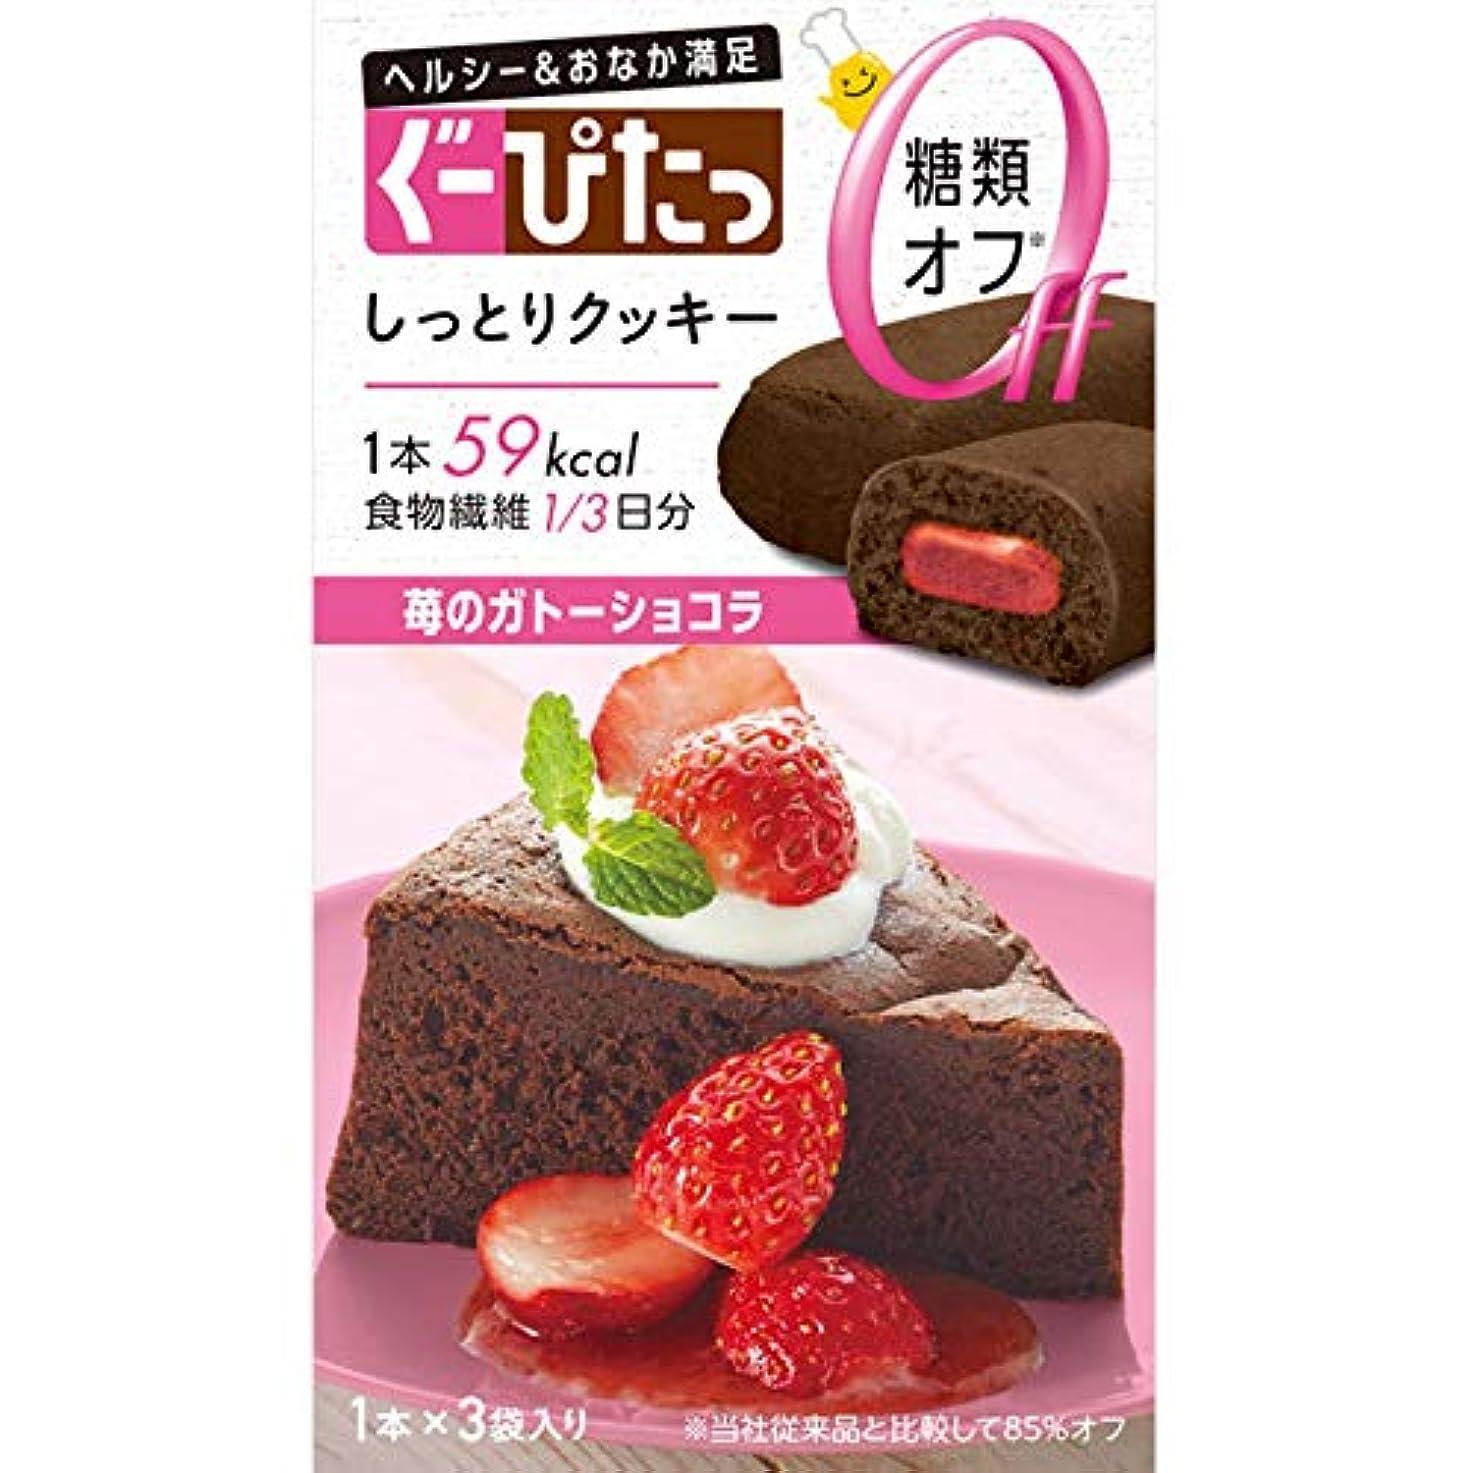 粒子評価する分泌するナリスアップ ぐーぴたっ しっとりクッキー 苺のガトーショコラ (3本) ダイエット食品